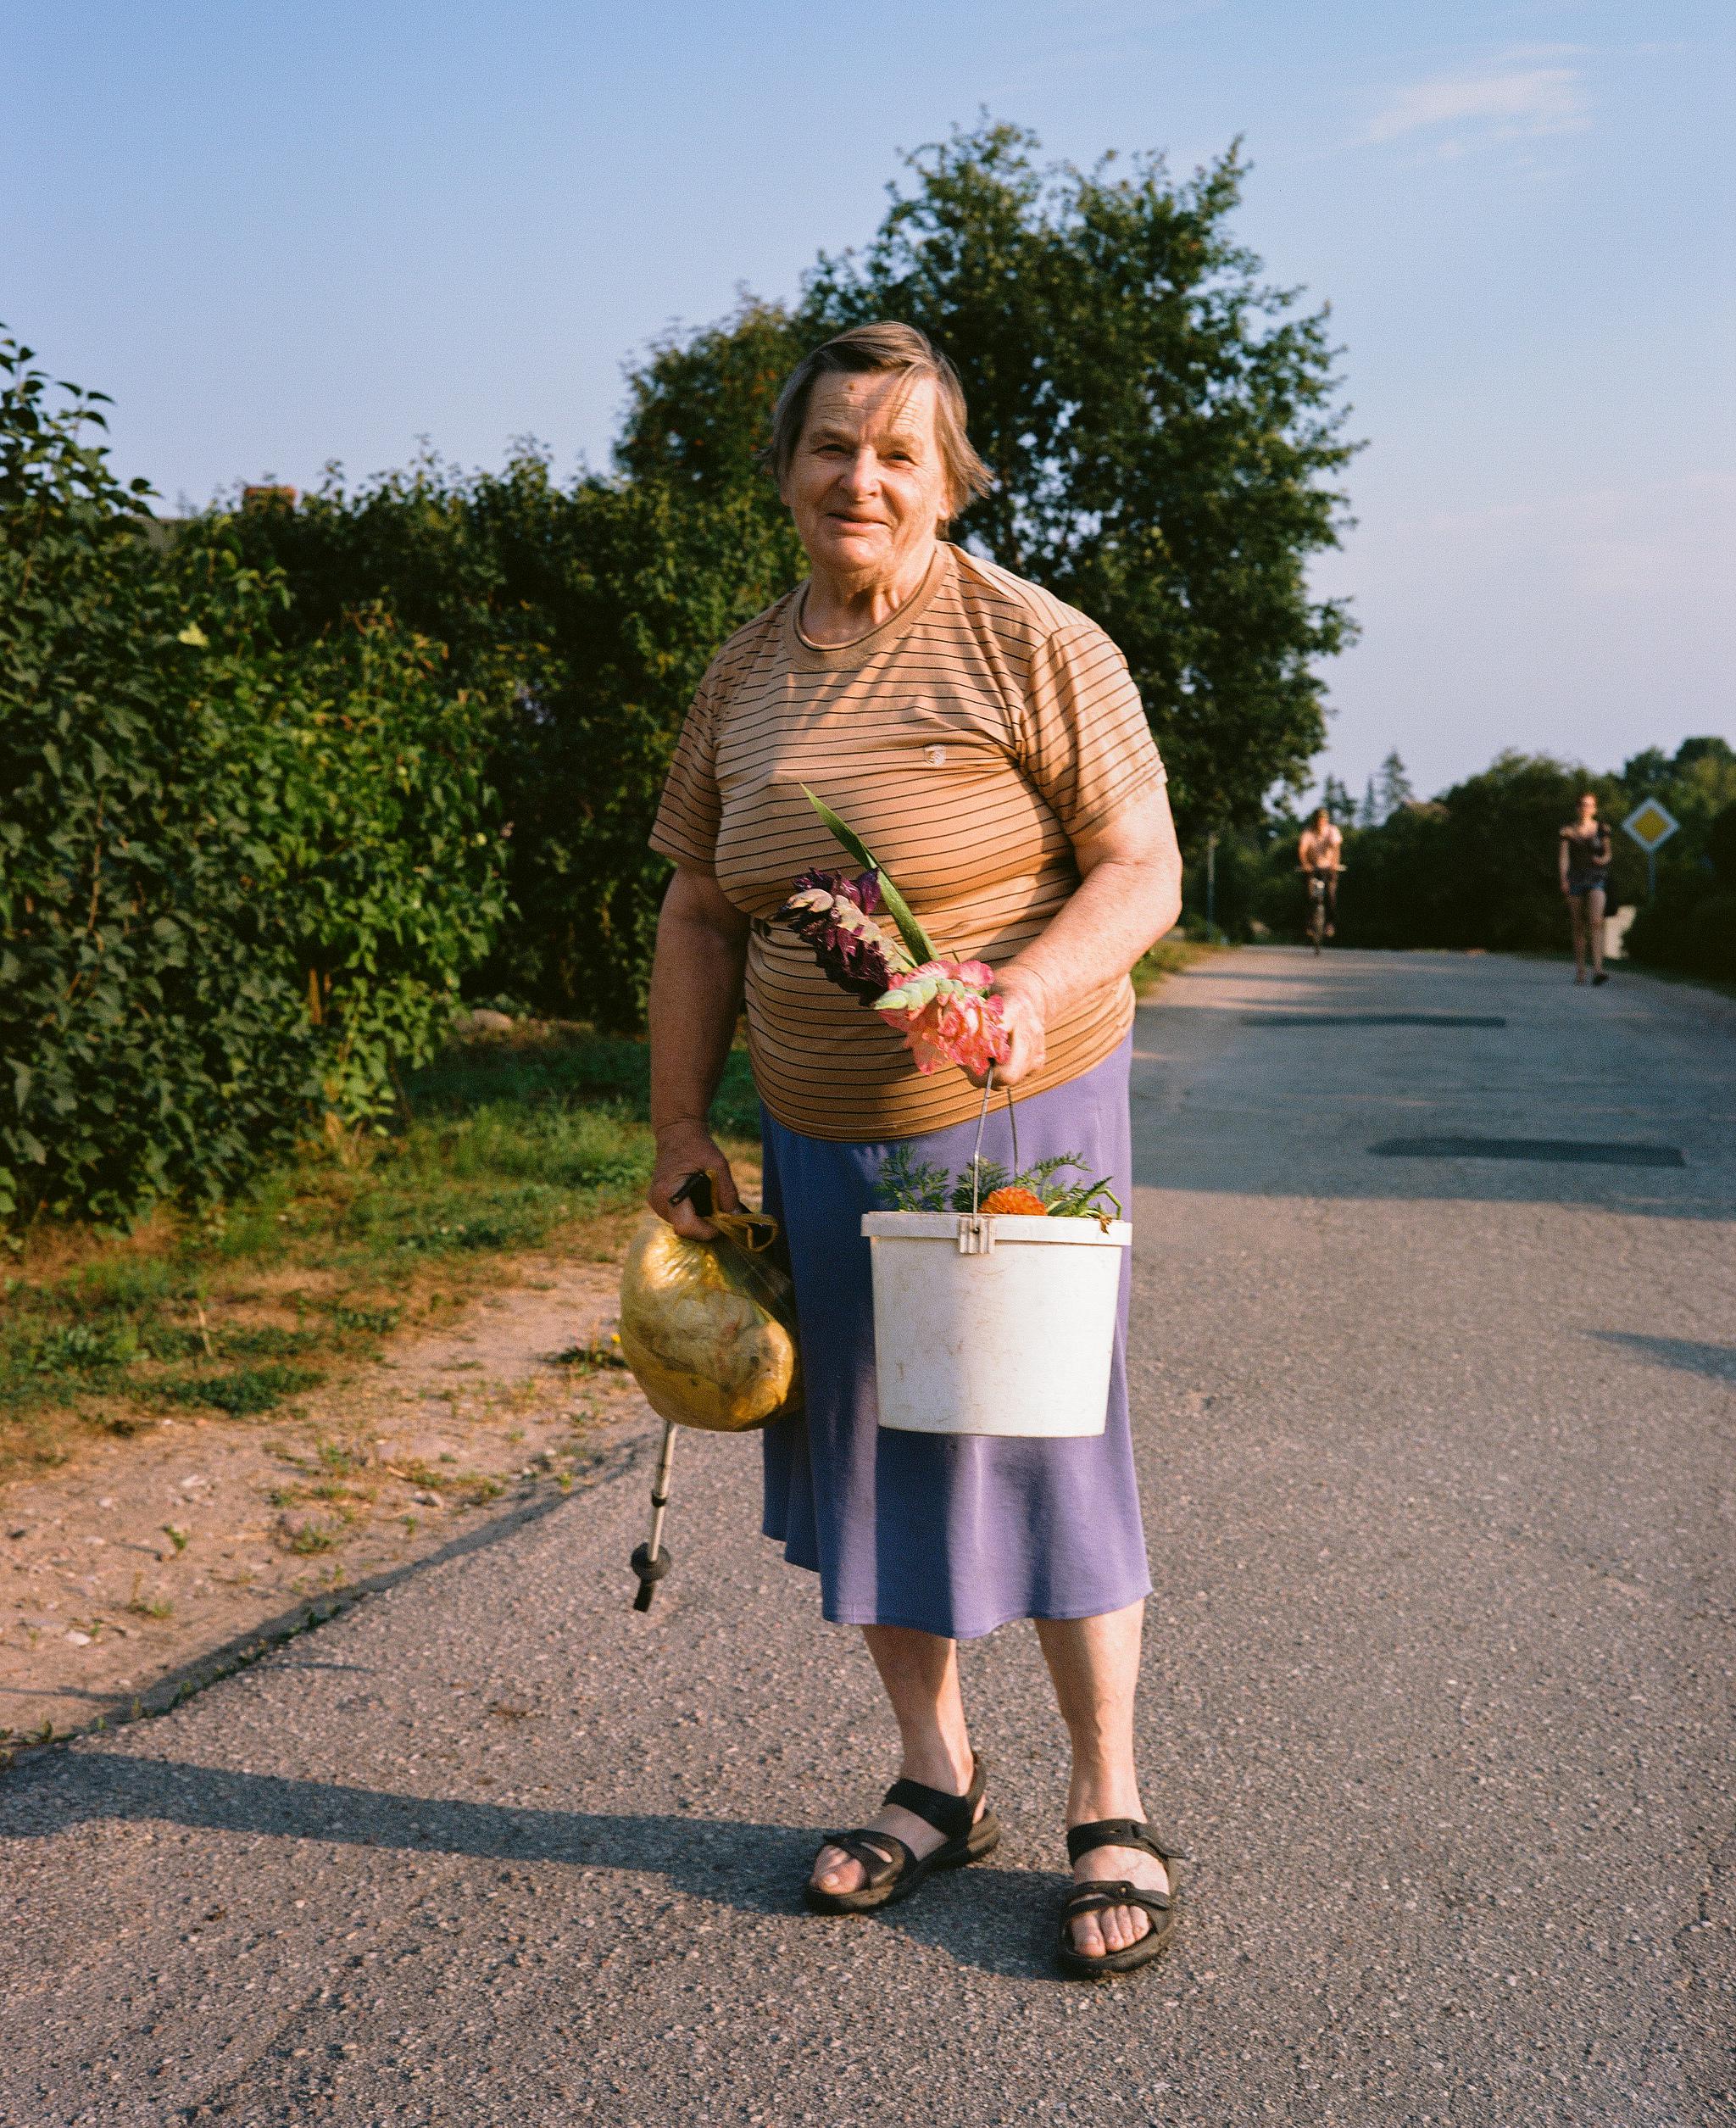 スロベニア、ペリシの村で出会ったおばあさん。午後7時、日課である自分の庭の草むしりを終えて家に帰る途中。「ほら、うちでこんなに綺麗に咲いたのよ」と摘み取ったばかりのルピナスを見せてくれた。